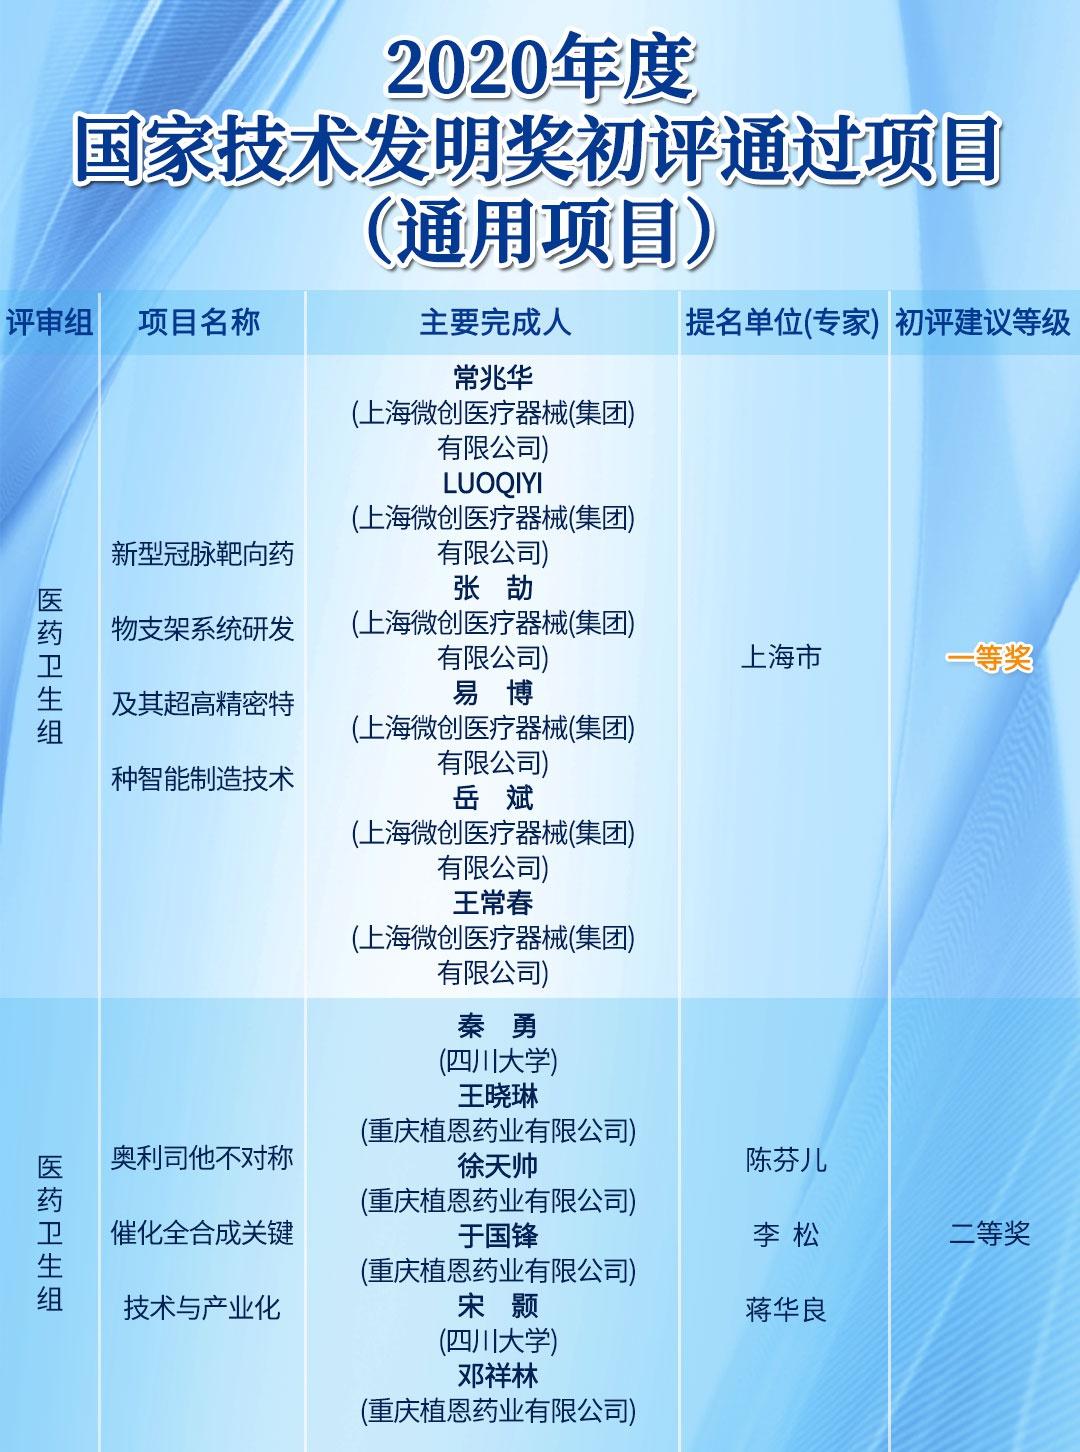 2020年度国家科技奖初评结果发布 钟南山院士团队在列